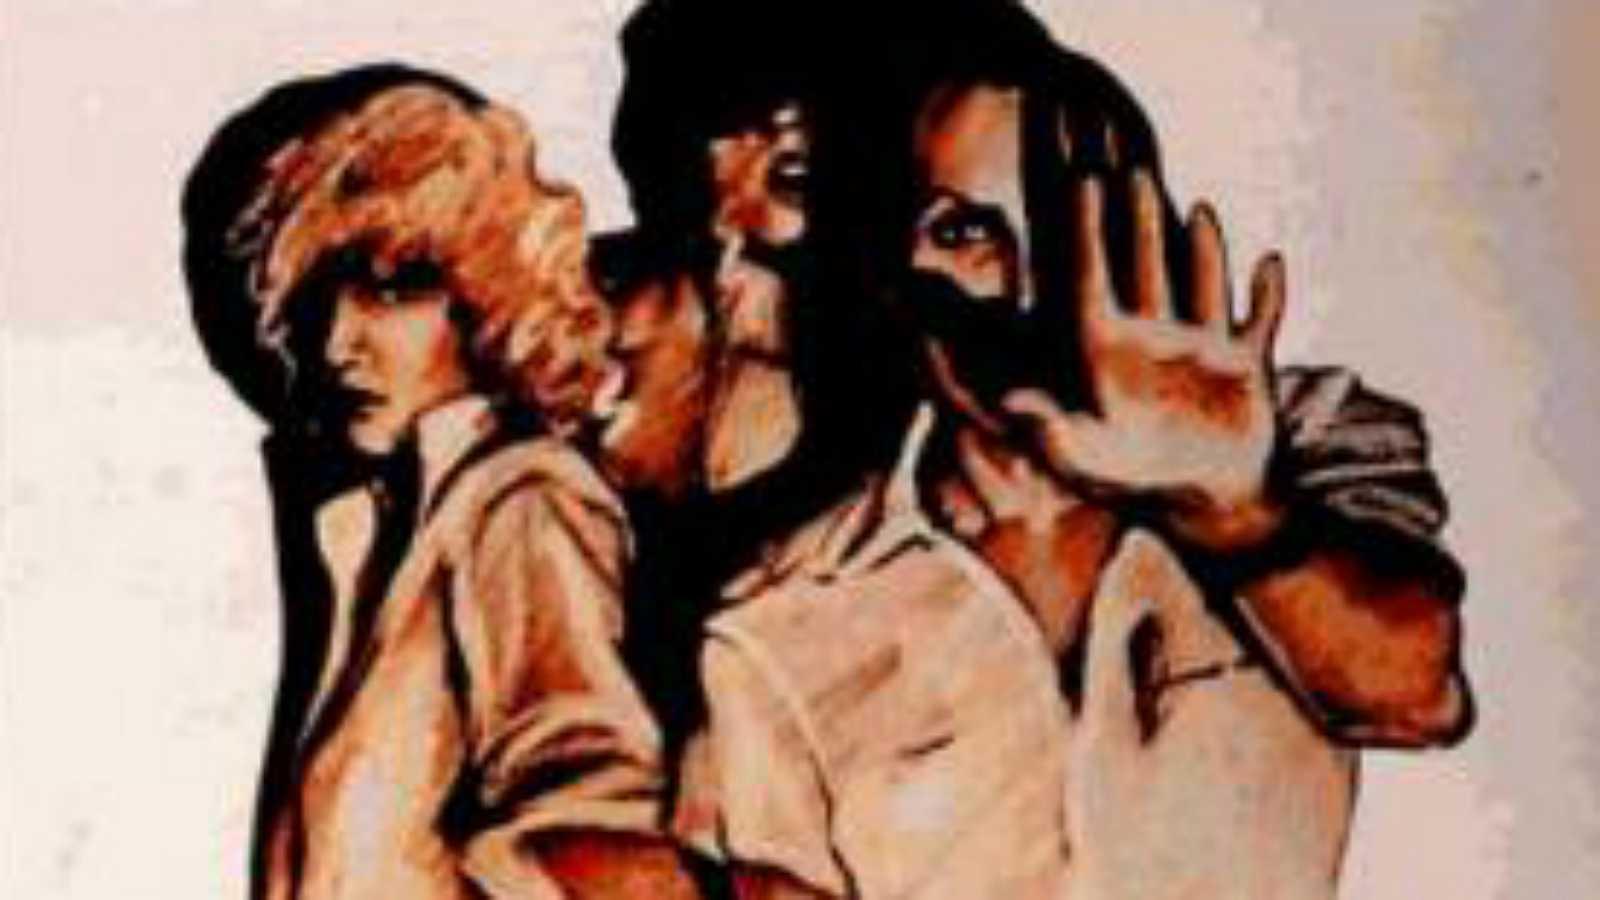 El cine que viene - 40 años de 'Arrebato' - 06/12/19 - Escuchar ahora